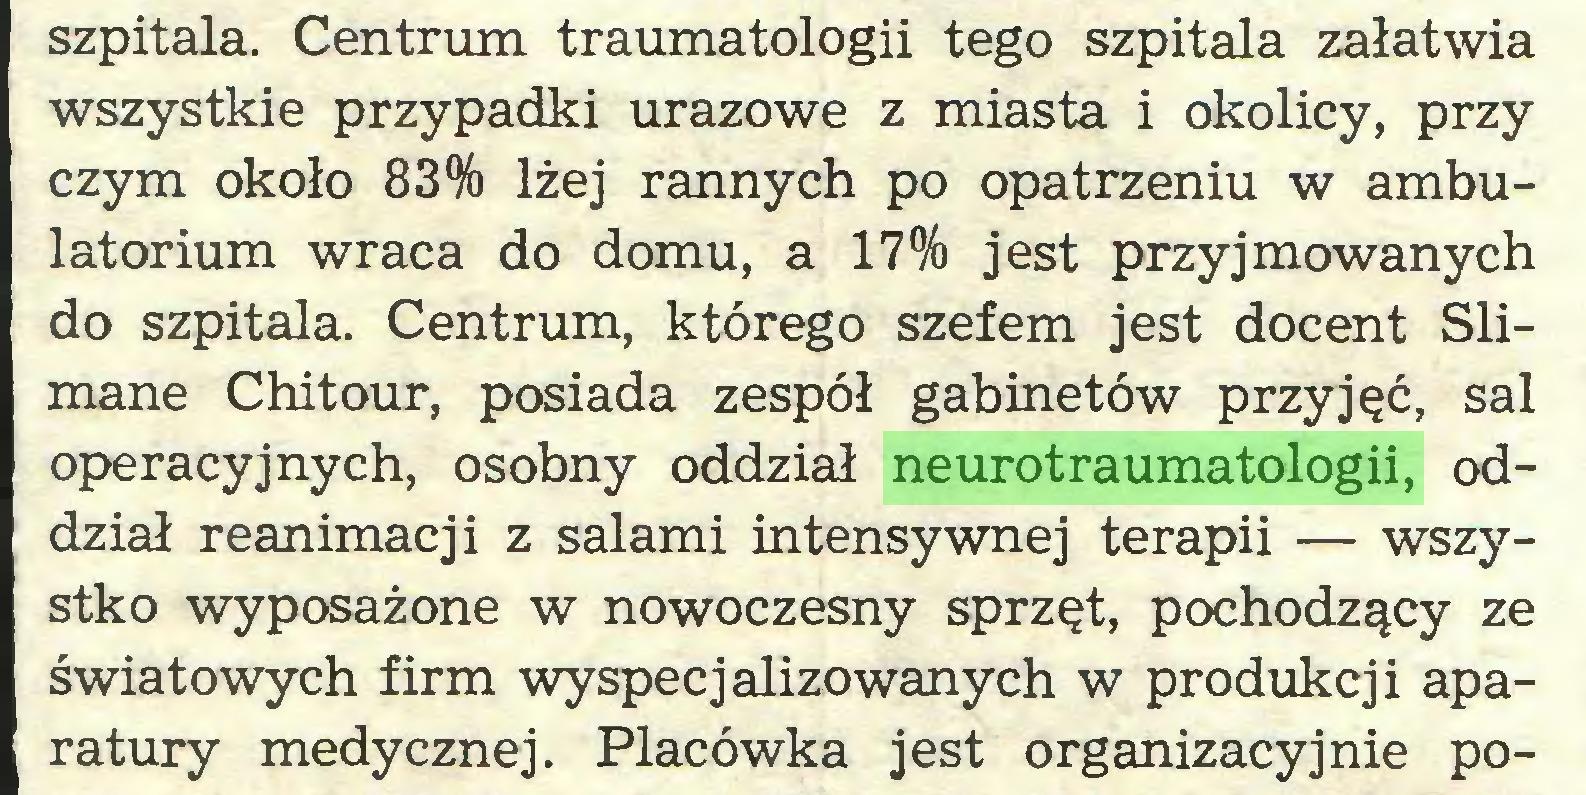 (...) szpitala. Centrum traumatologii tego szpitala załatwia wszystkie przypadki urazowe z miasta i okolicy, przy czym około 83% lżej rannych po opatrzeniu w ambulatorium wraca do domu, a 17% jest przyjmowanych do szpitala. Centrum, którego szefem jest docent Slimane Chitour, posiada zespół gabinetów przyjęć, sal operacyjnych, osobny oddział neurotraumatologii, oddział reanimacji z salami intensywnej terapii — wszystko wyposażone w nowoczesny sprzęt, pochodzący ze światowych firm wyspecjalizowanych w produkcji aparatury medycznej. Placówka jest organizacyjnie po...